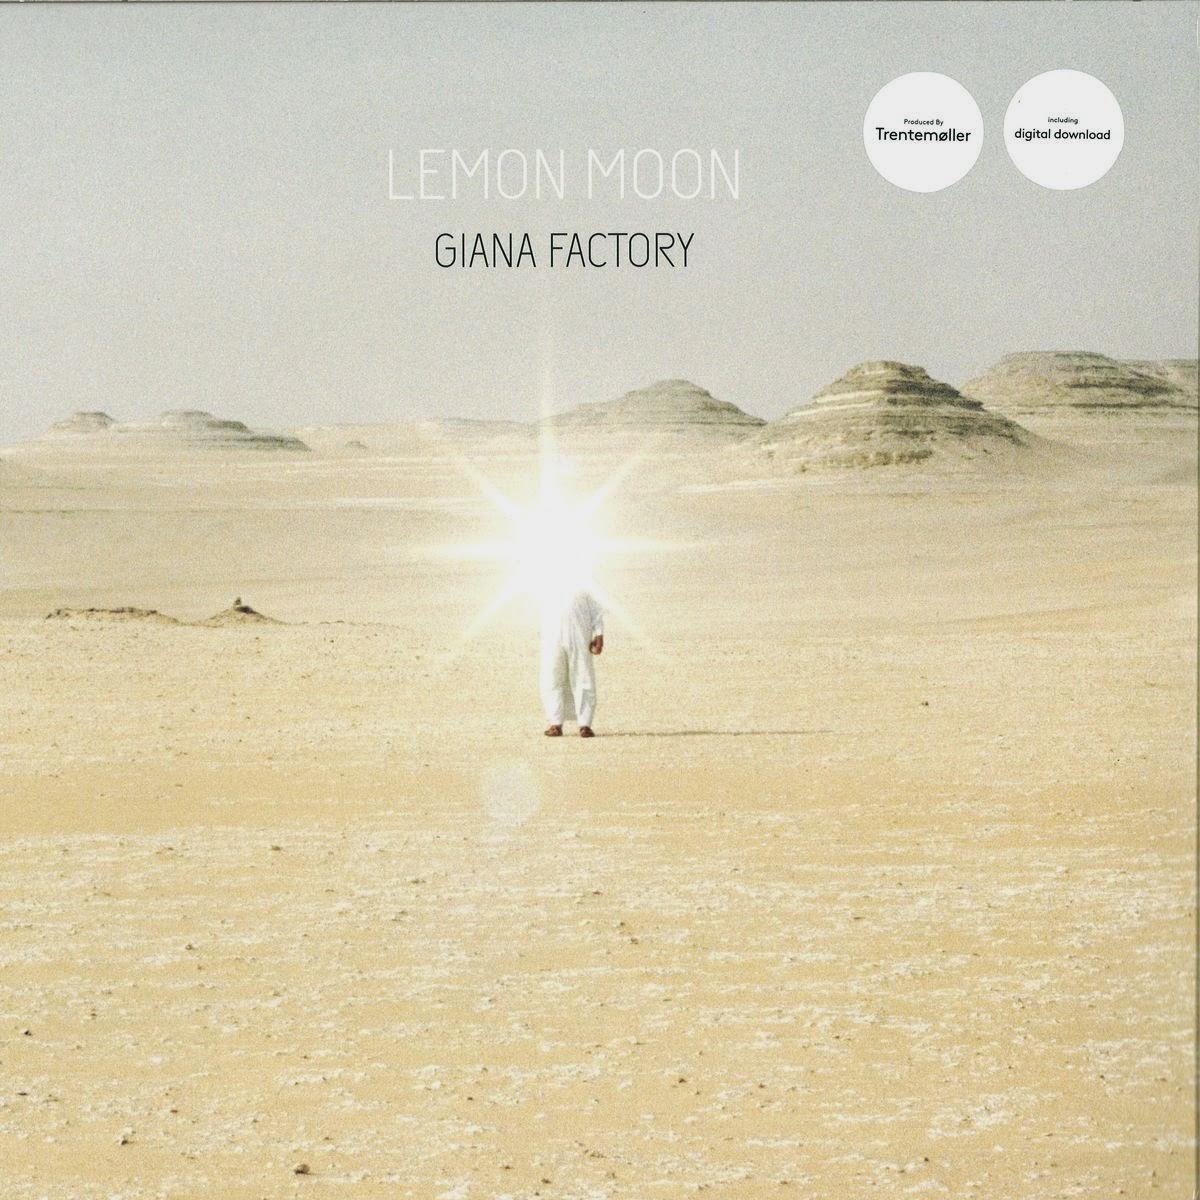 Giana+Factory+%E2%80%93+Lemon+Moon Giana Factory – Lemon Moon